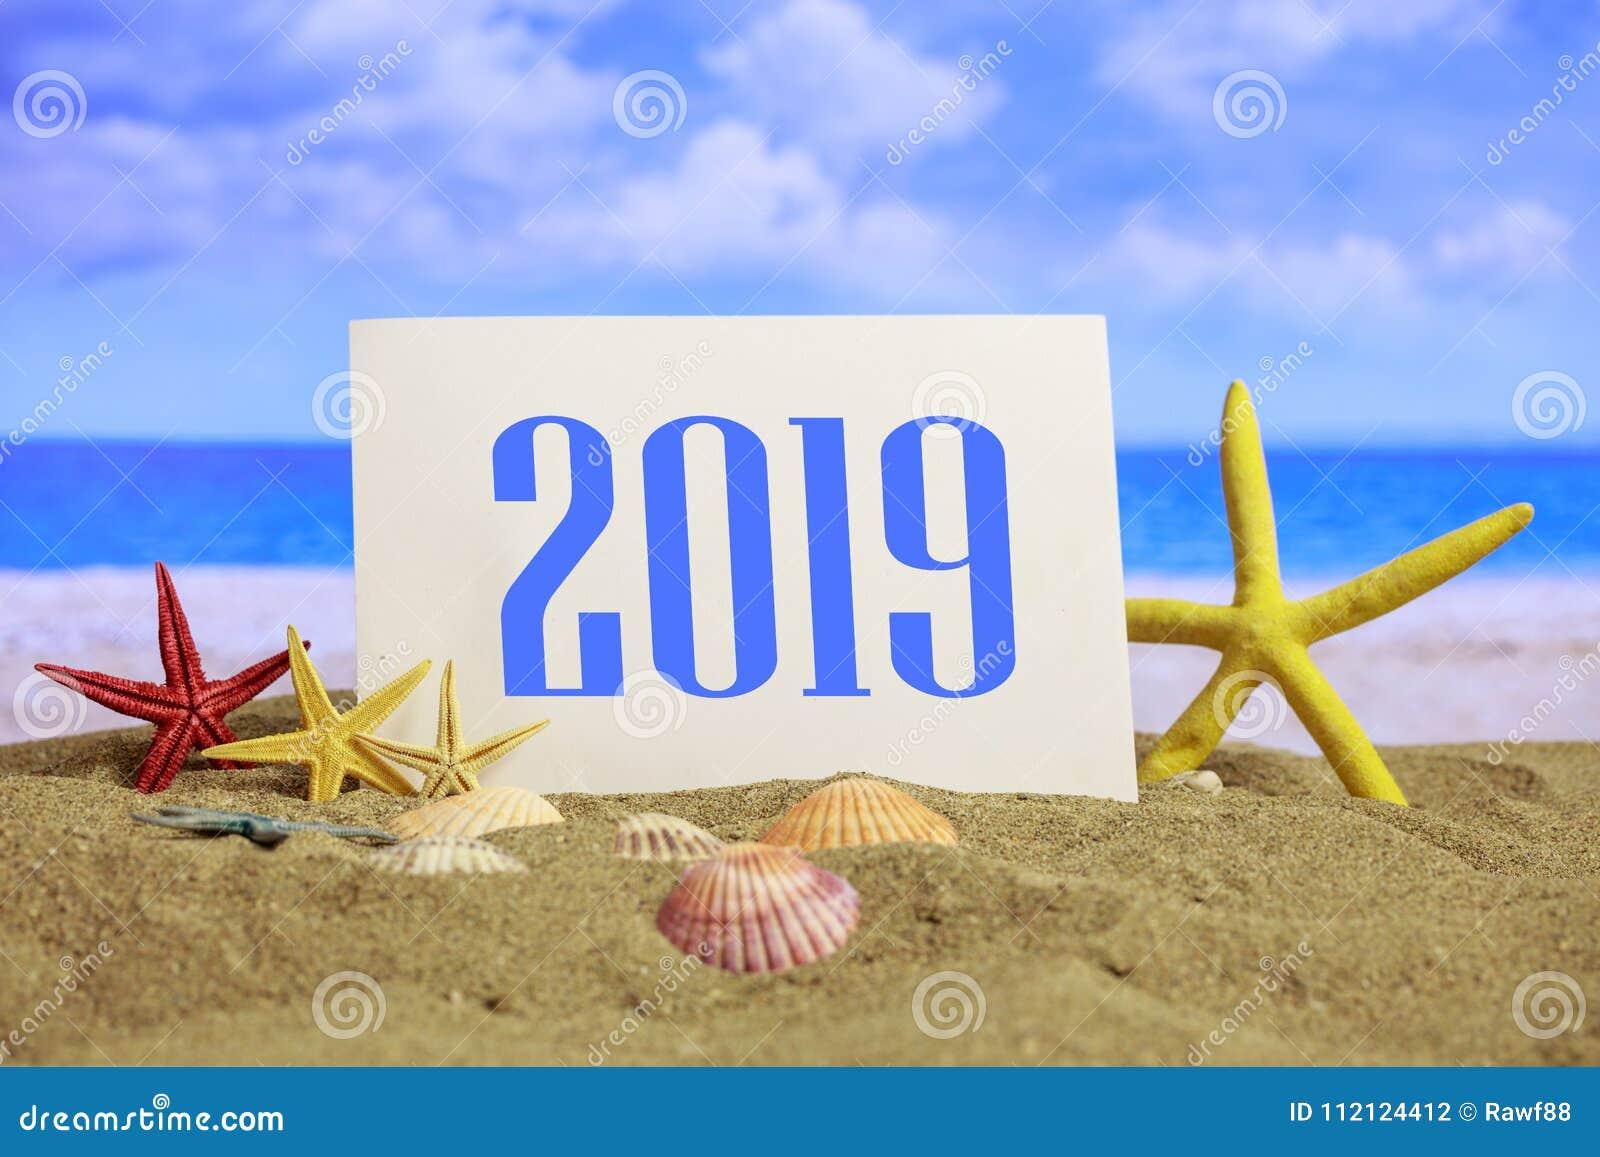 Weihnachten Urlaub 2019.Feier 2019 Auf Dem Strand Sommer Weihnachten Des Neuen Jahres Macht